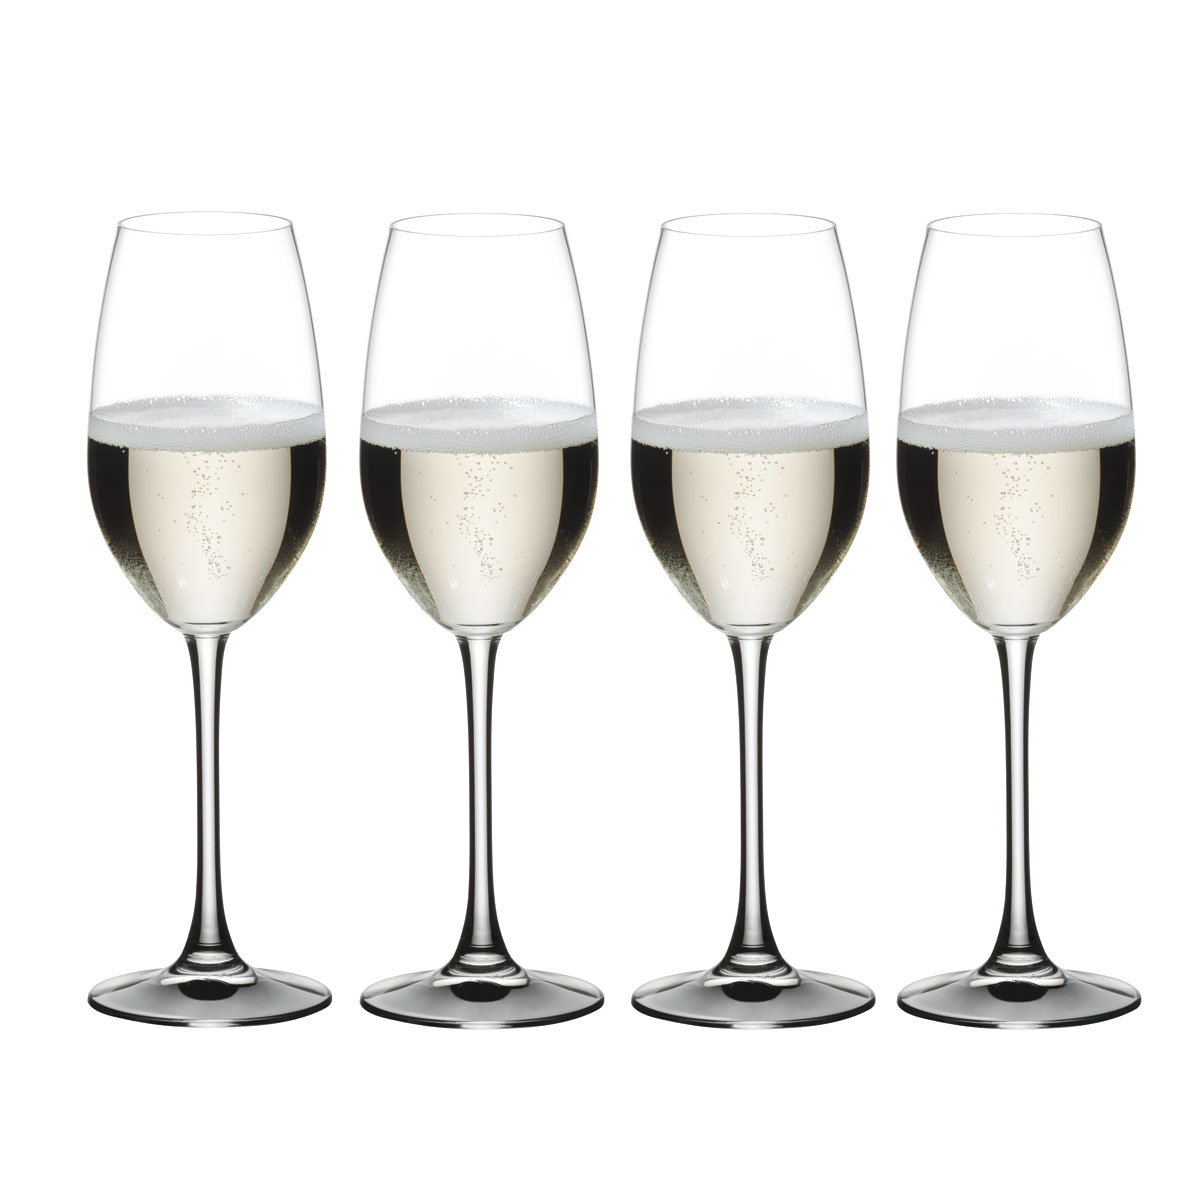 Nachtmann Vivino Champagne Glass Glasses Set of 4